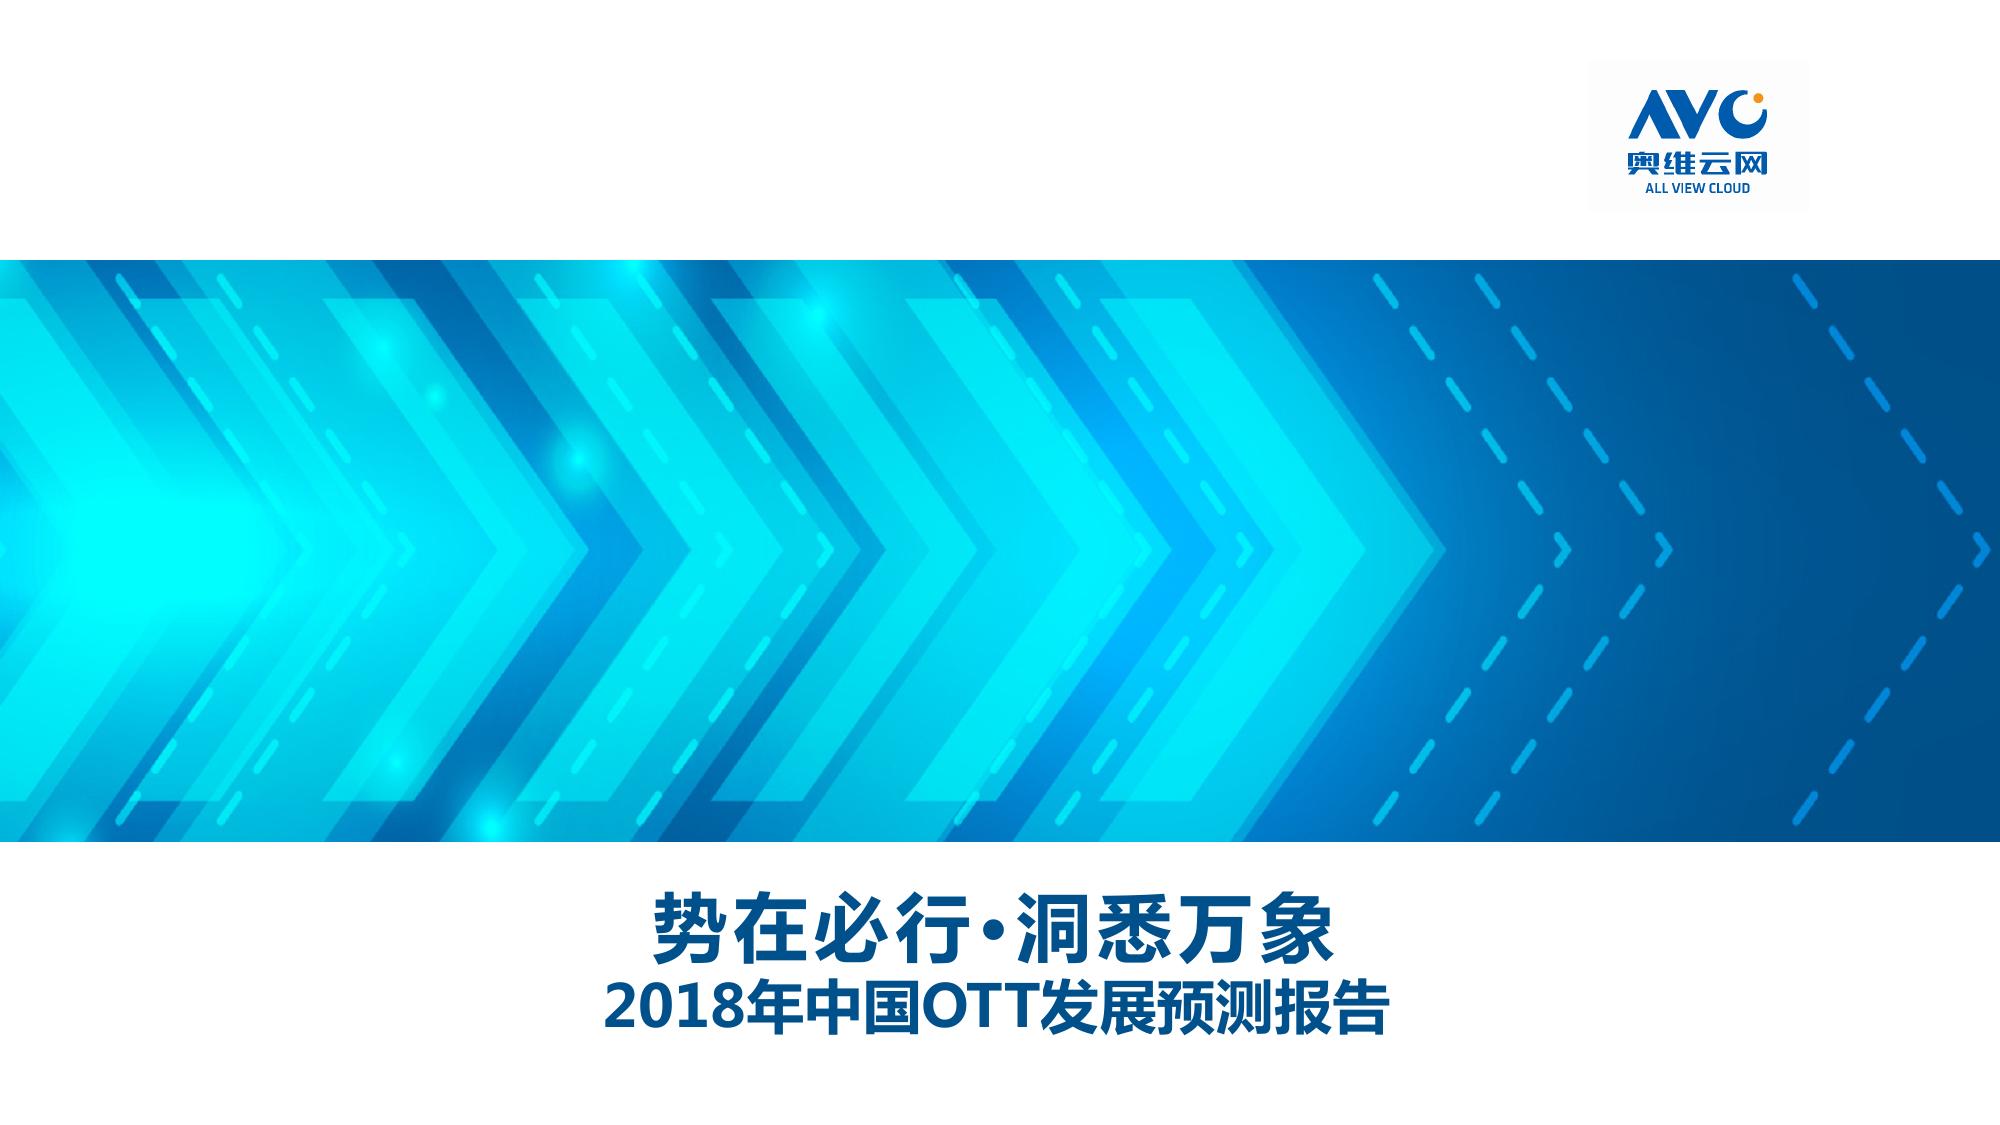 奥维云网:2018年中国OTT发展预测报告